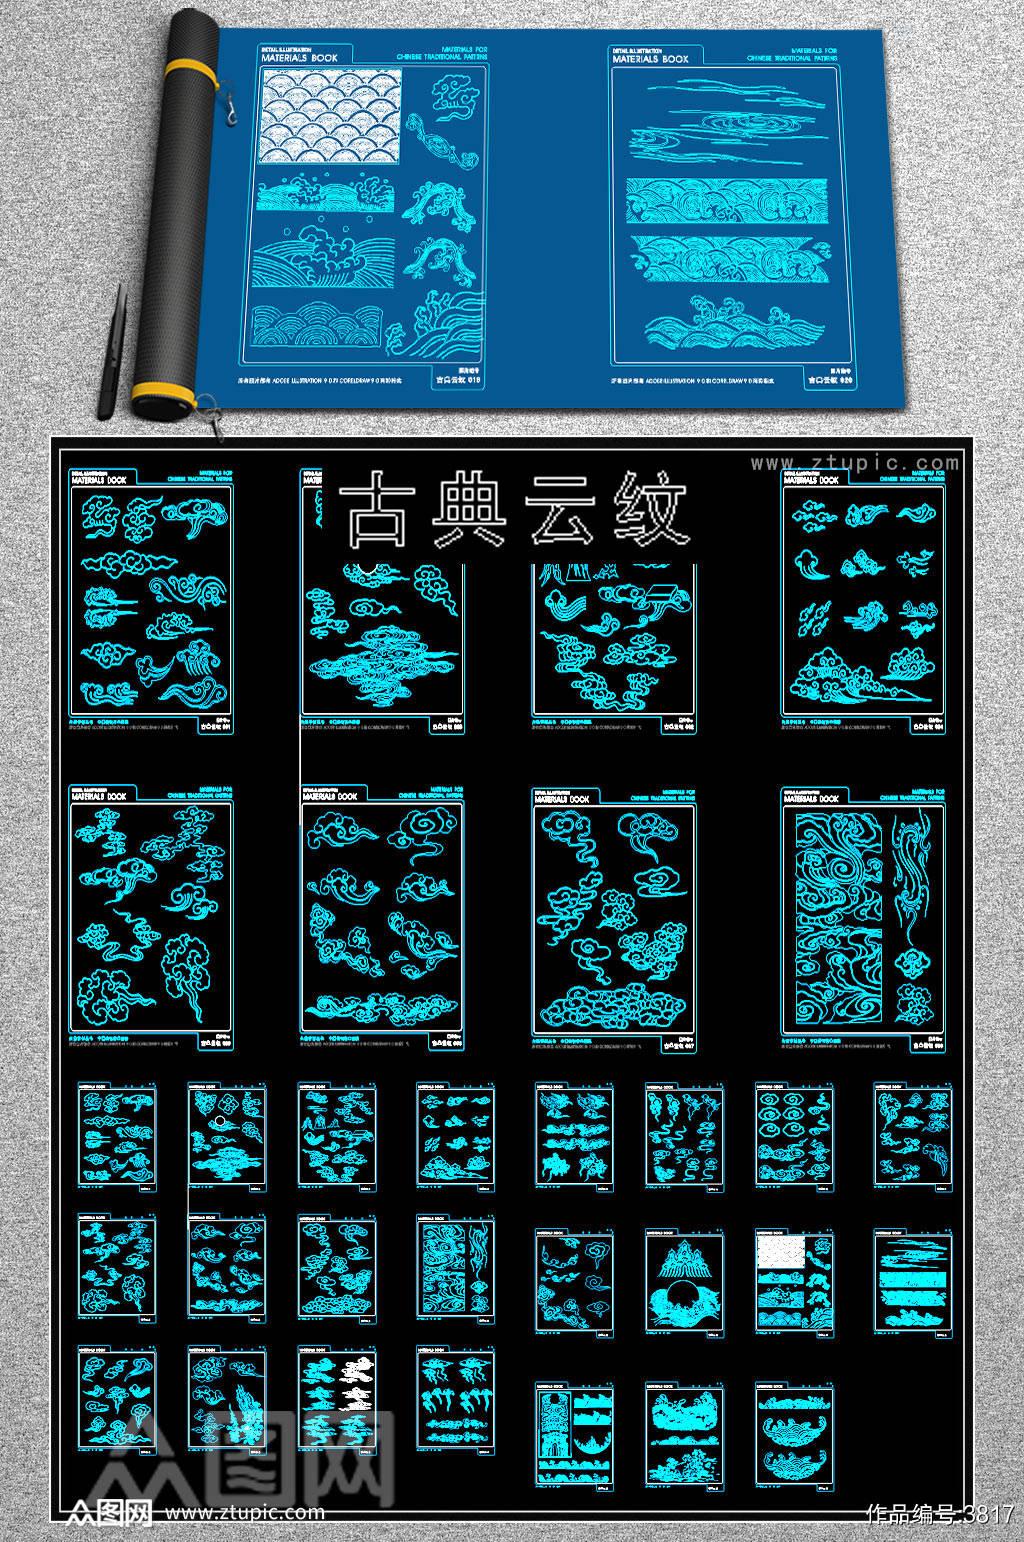 中式古典云纹CAD图库素材